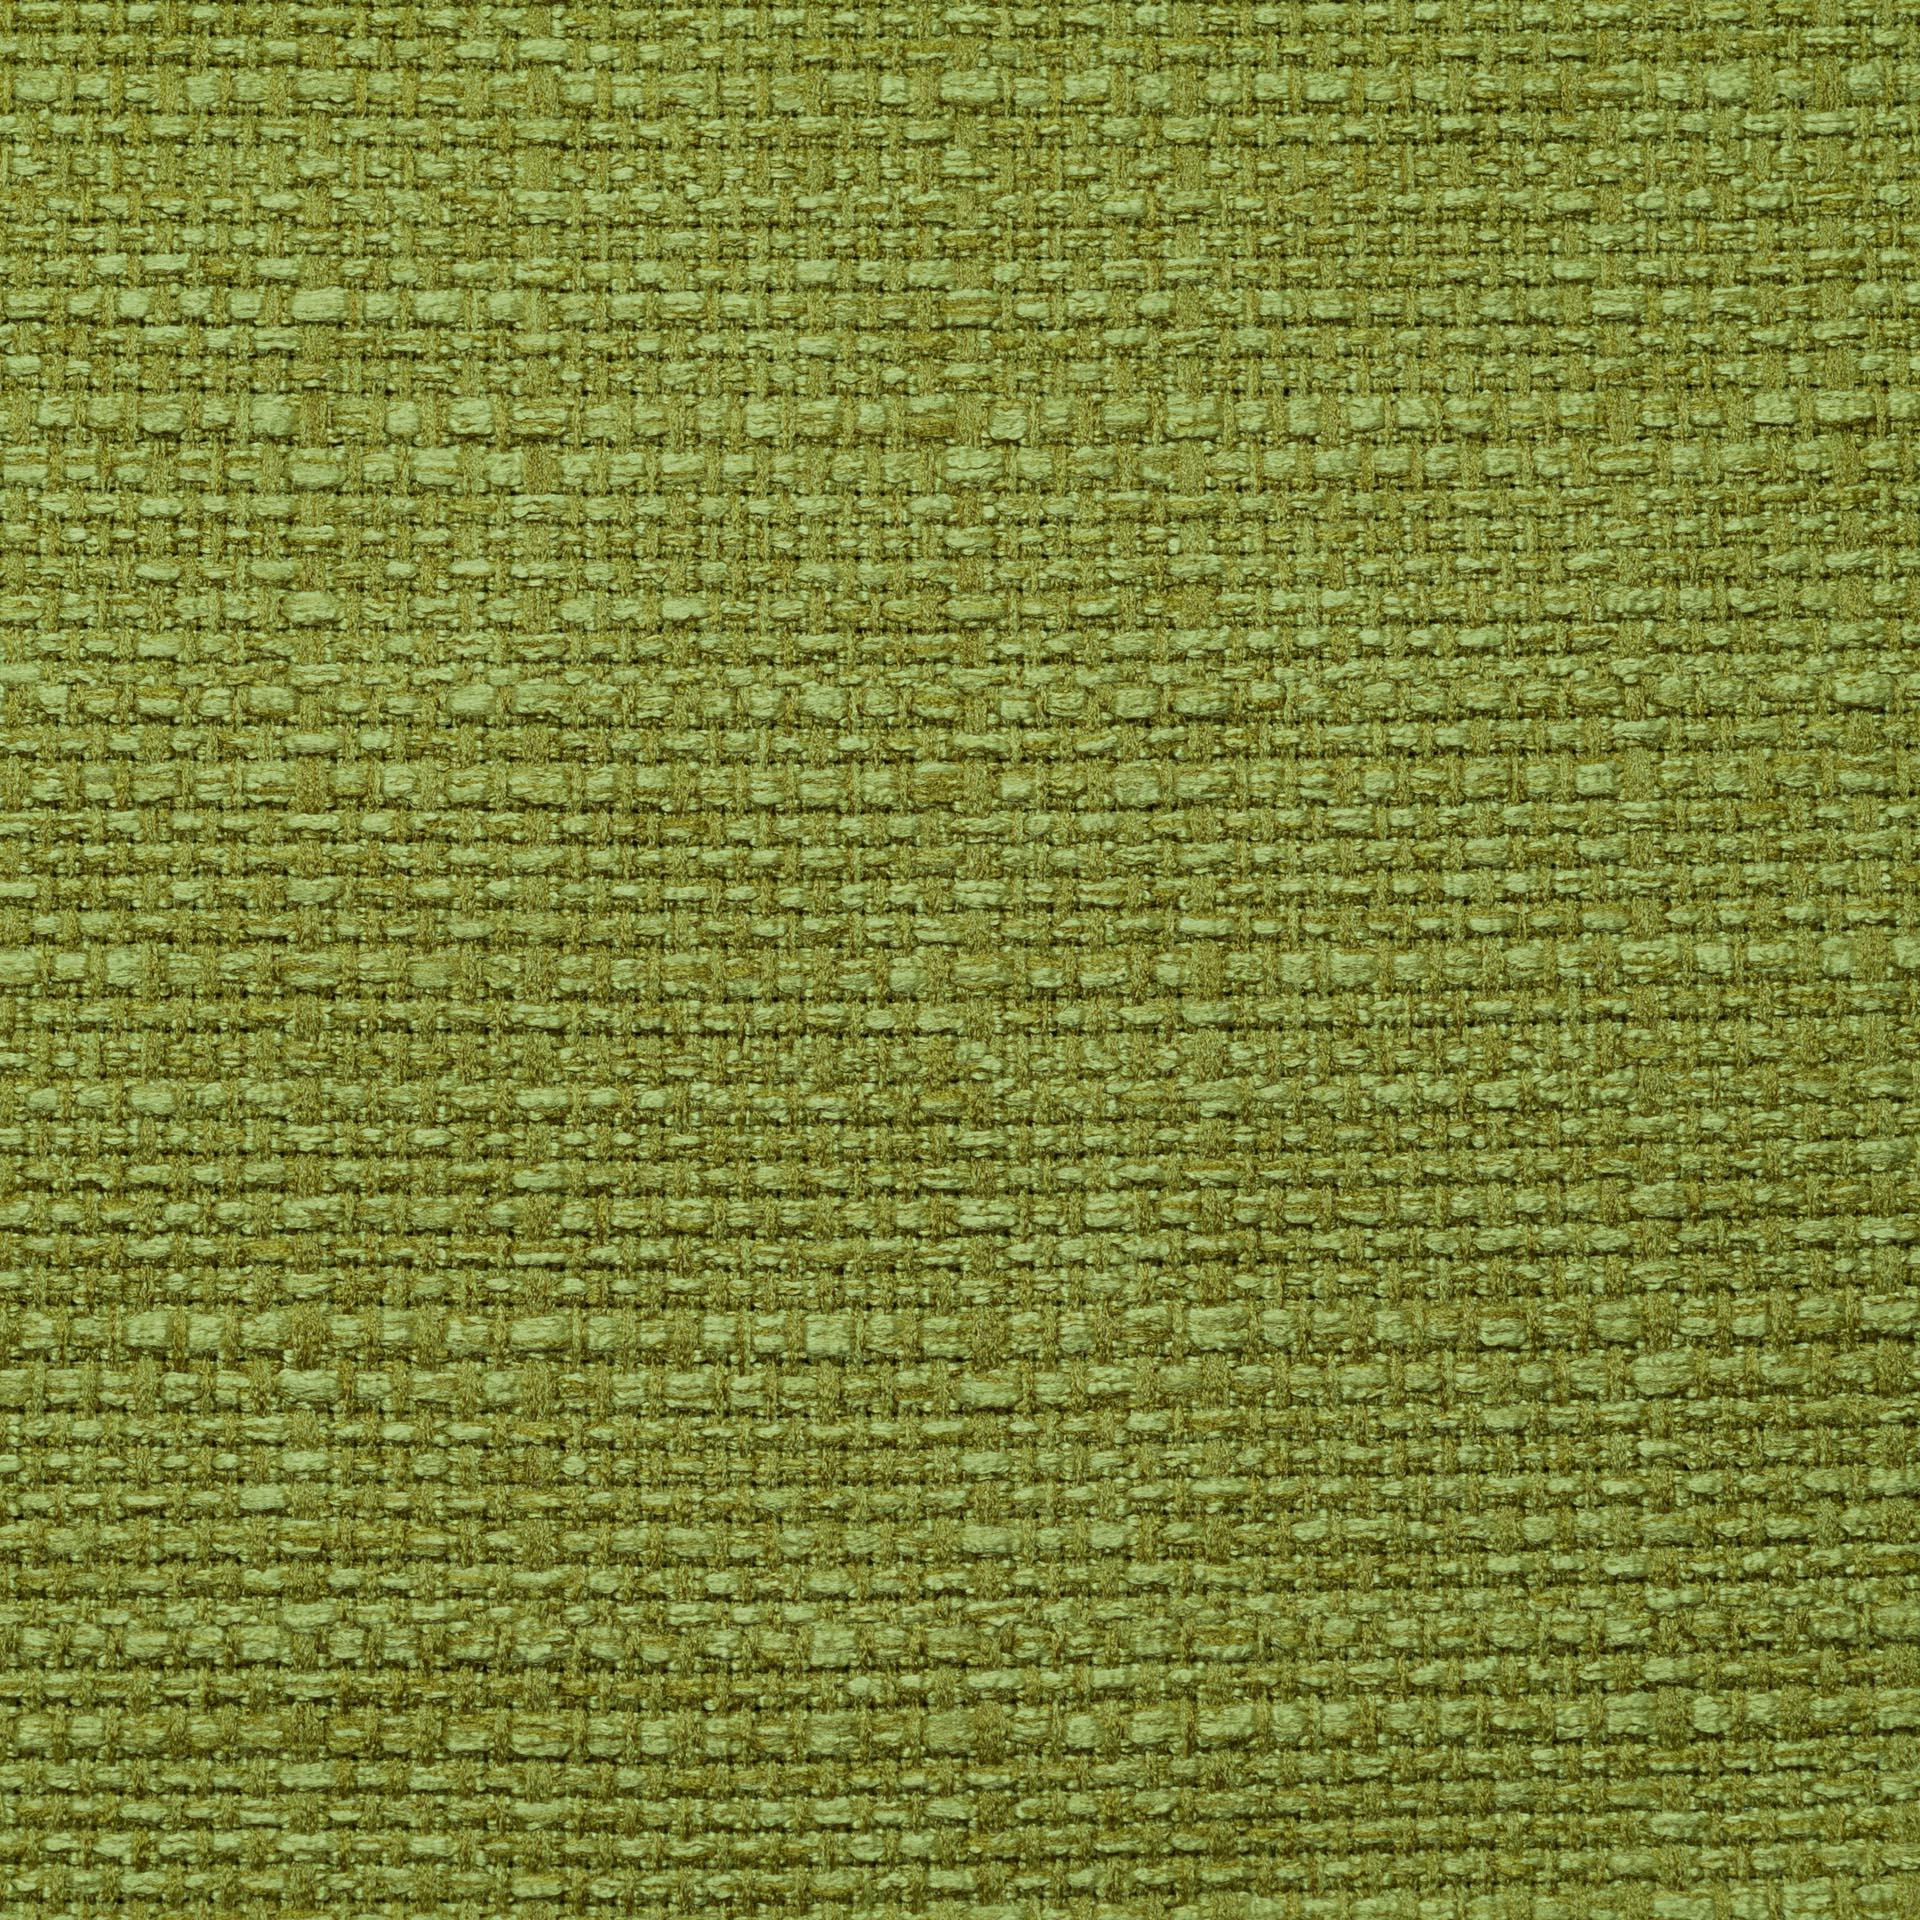 Коллекция ткани Артемис Lime 16,  купить ткань Рогожка для мебели Украина